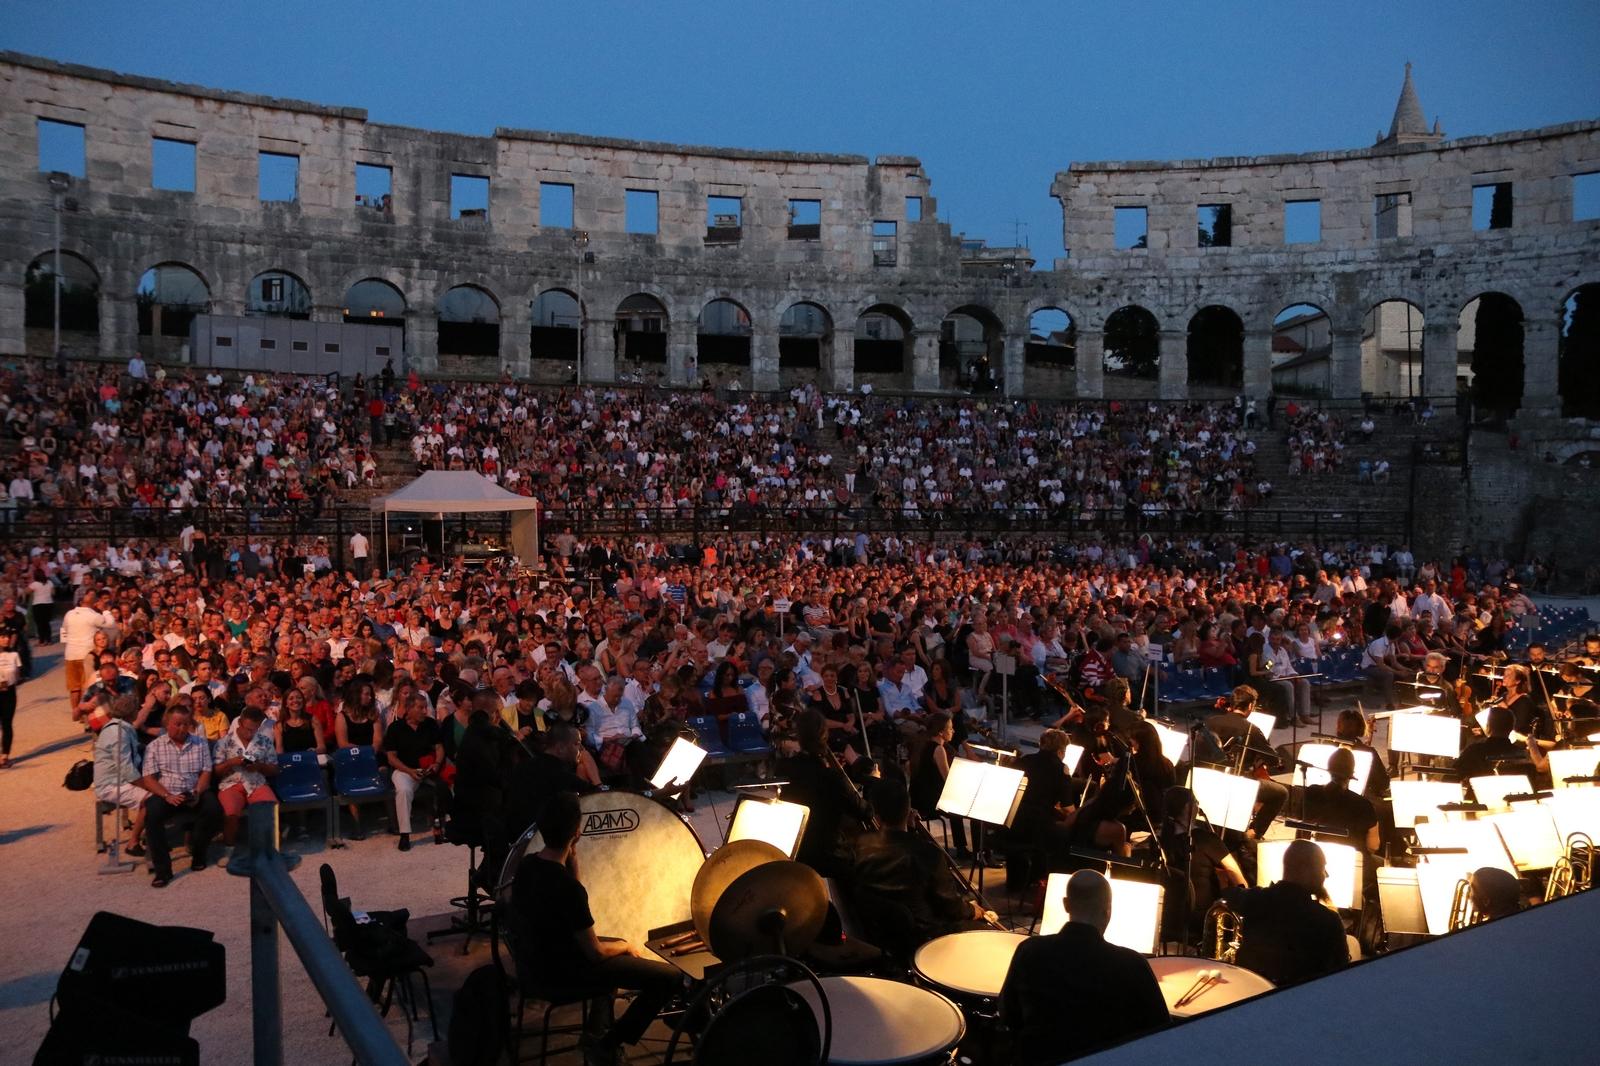 Riječki simfonijski orkestar u pulskoj Areni